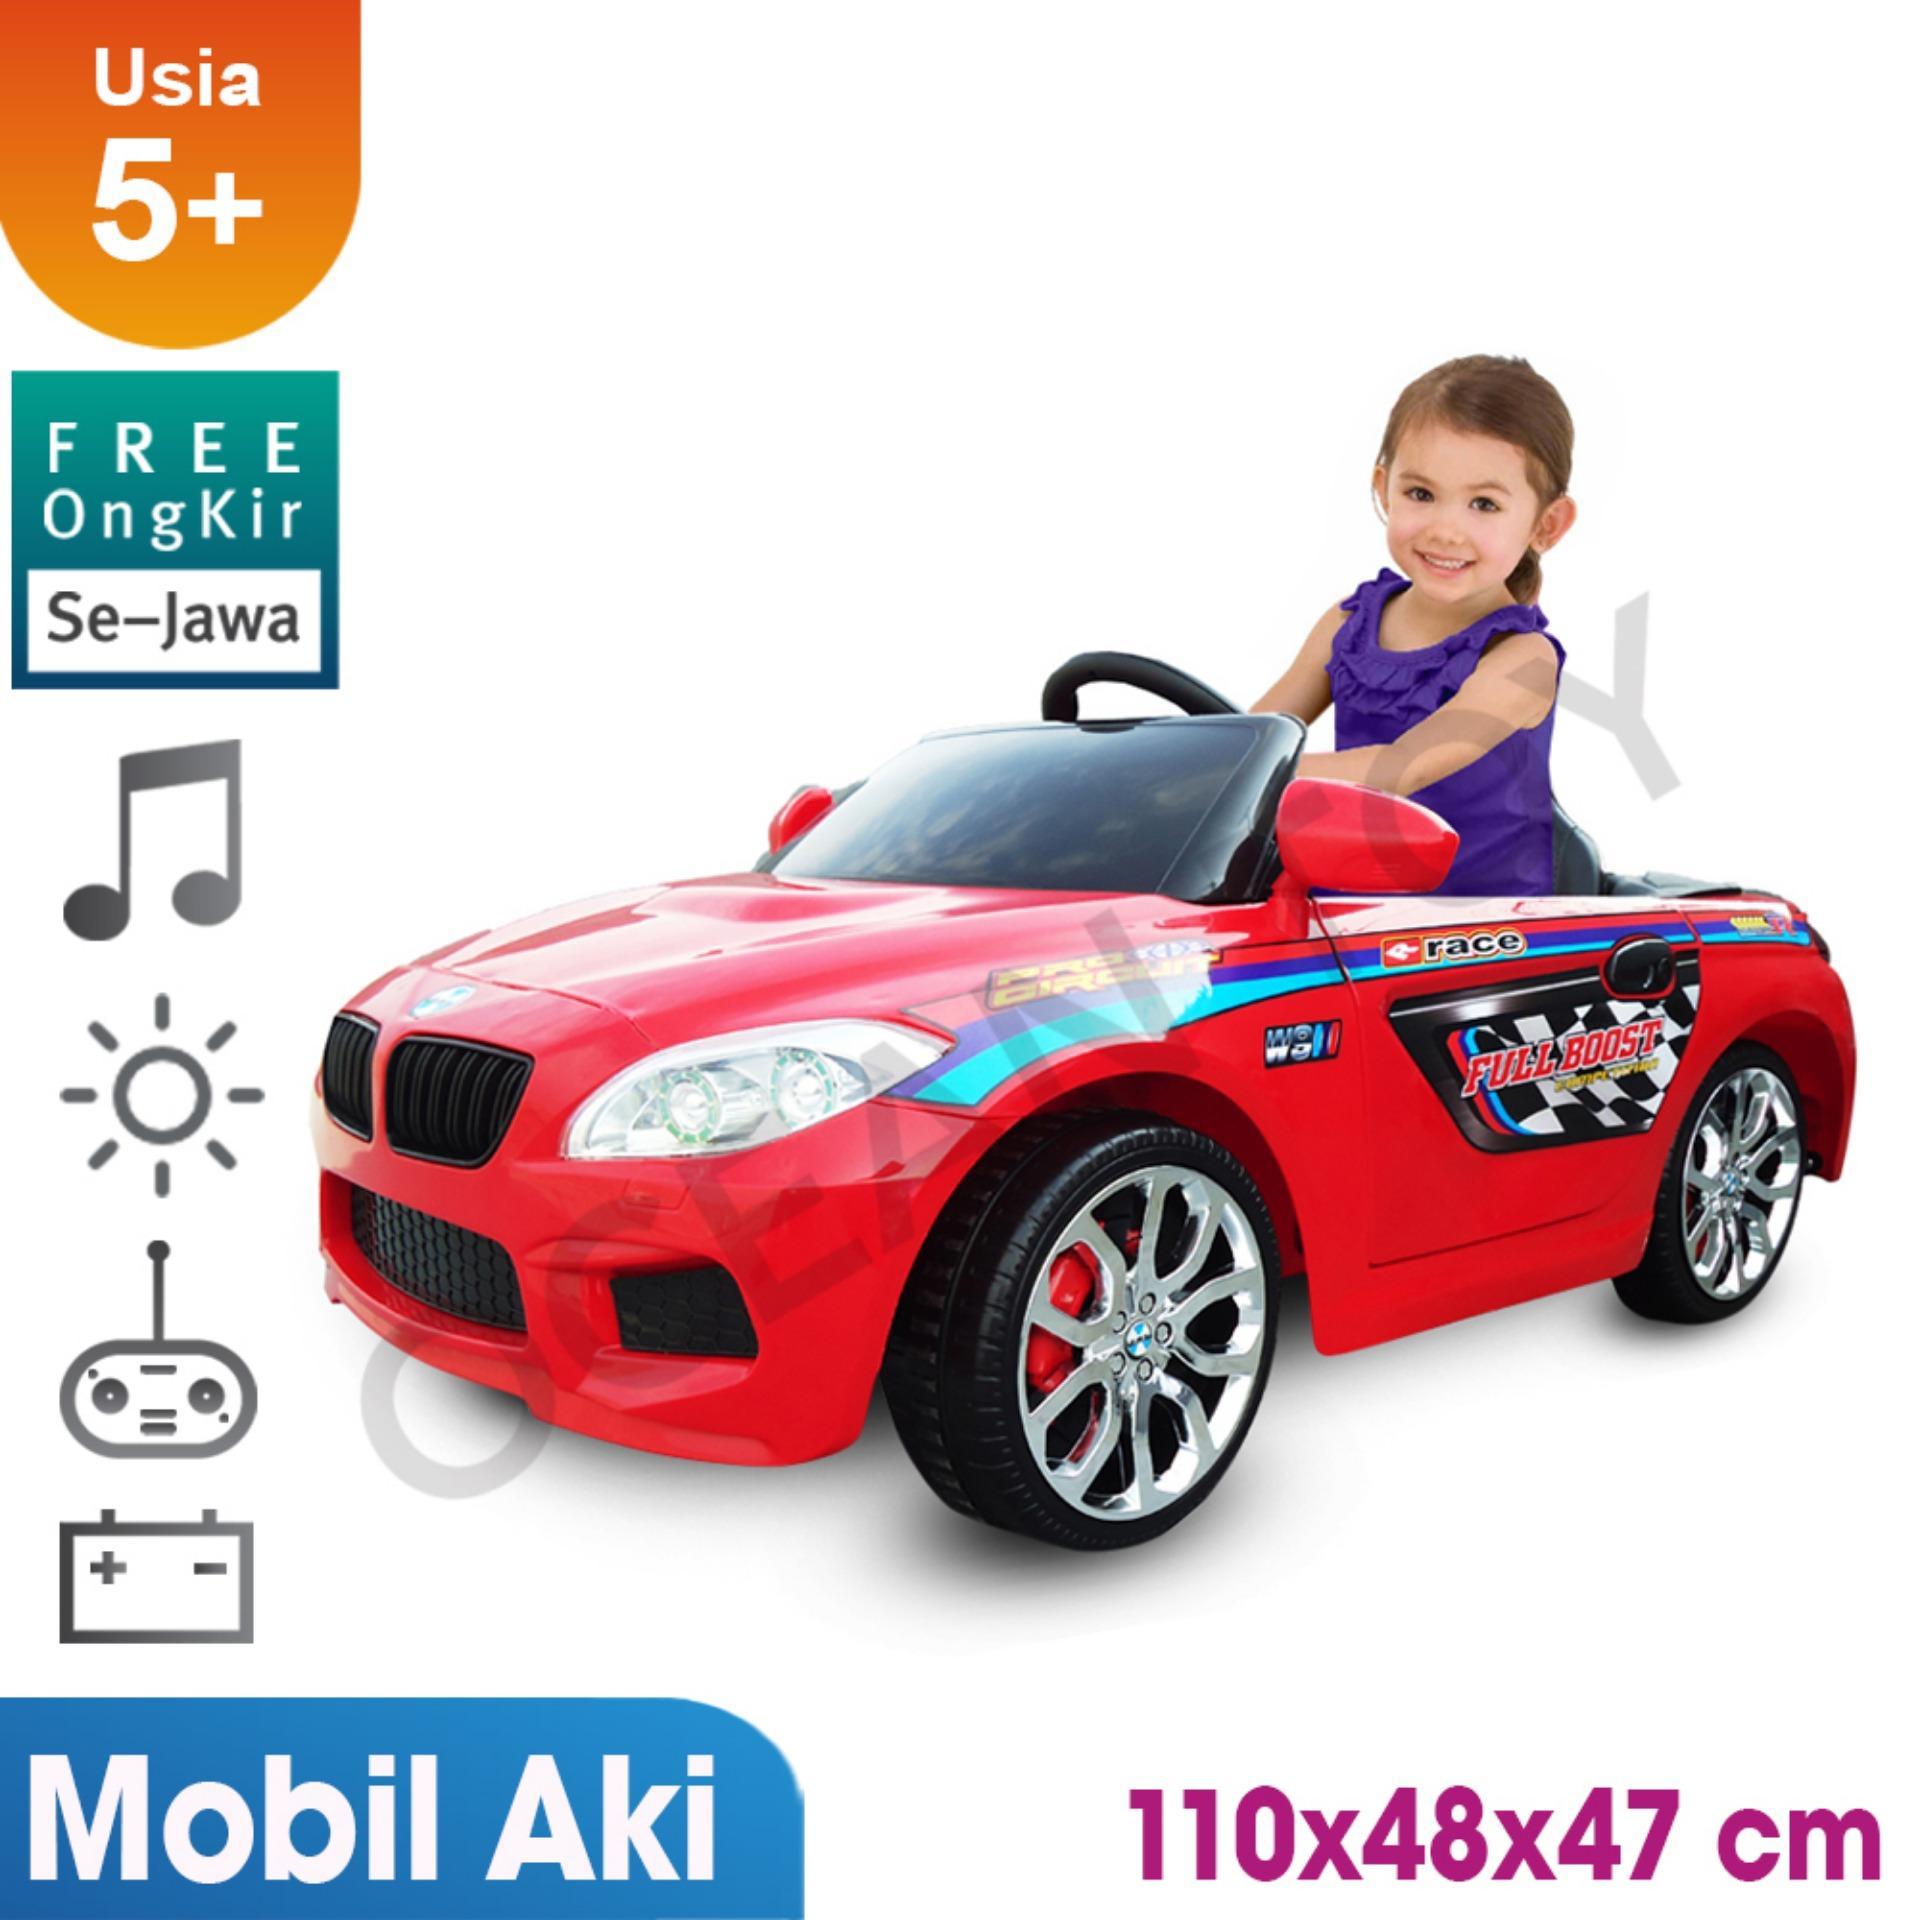 100% Free Ongkir Khusus Pulau Jawa Ocean Toy Ride On PMB Mobil Aki M9188 Beem Racer Mainan Anak - Merah